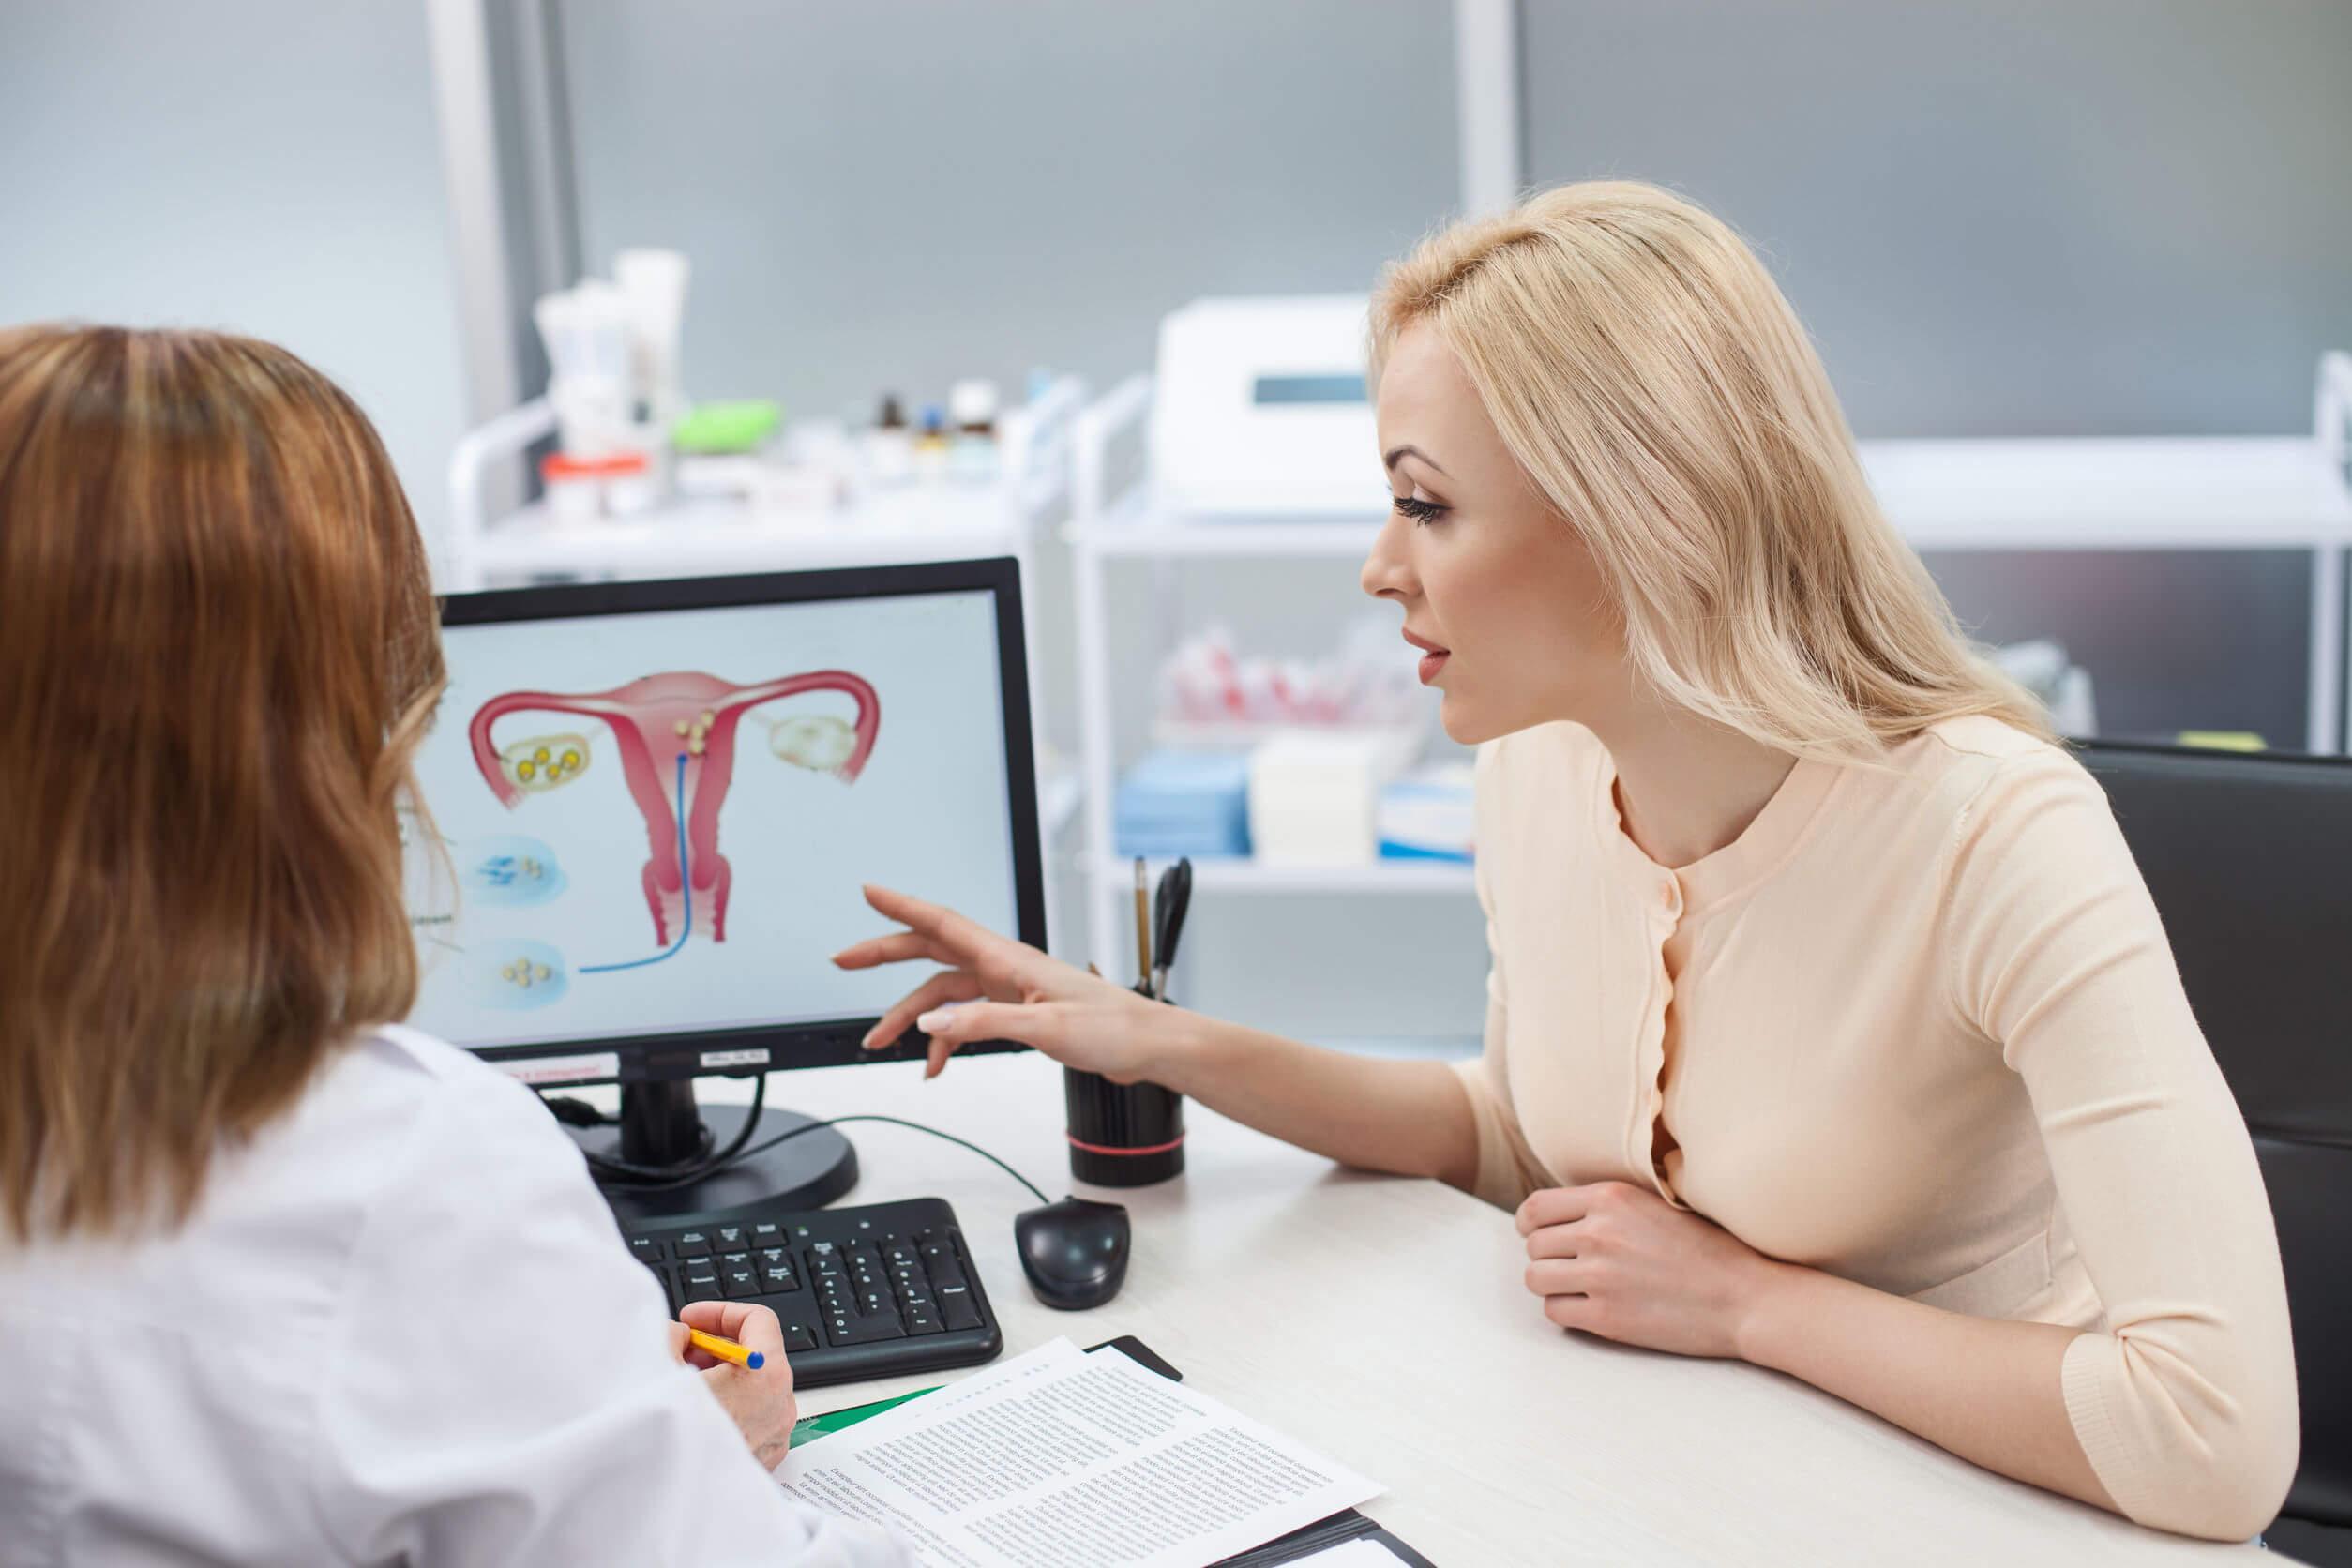 Las dudas sobre los protectores diarios deben ser aclaradas con el ginecólogo.